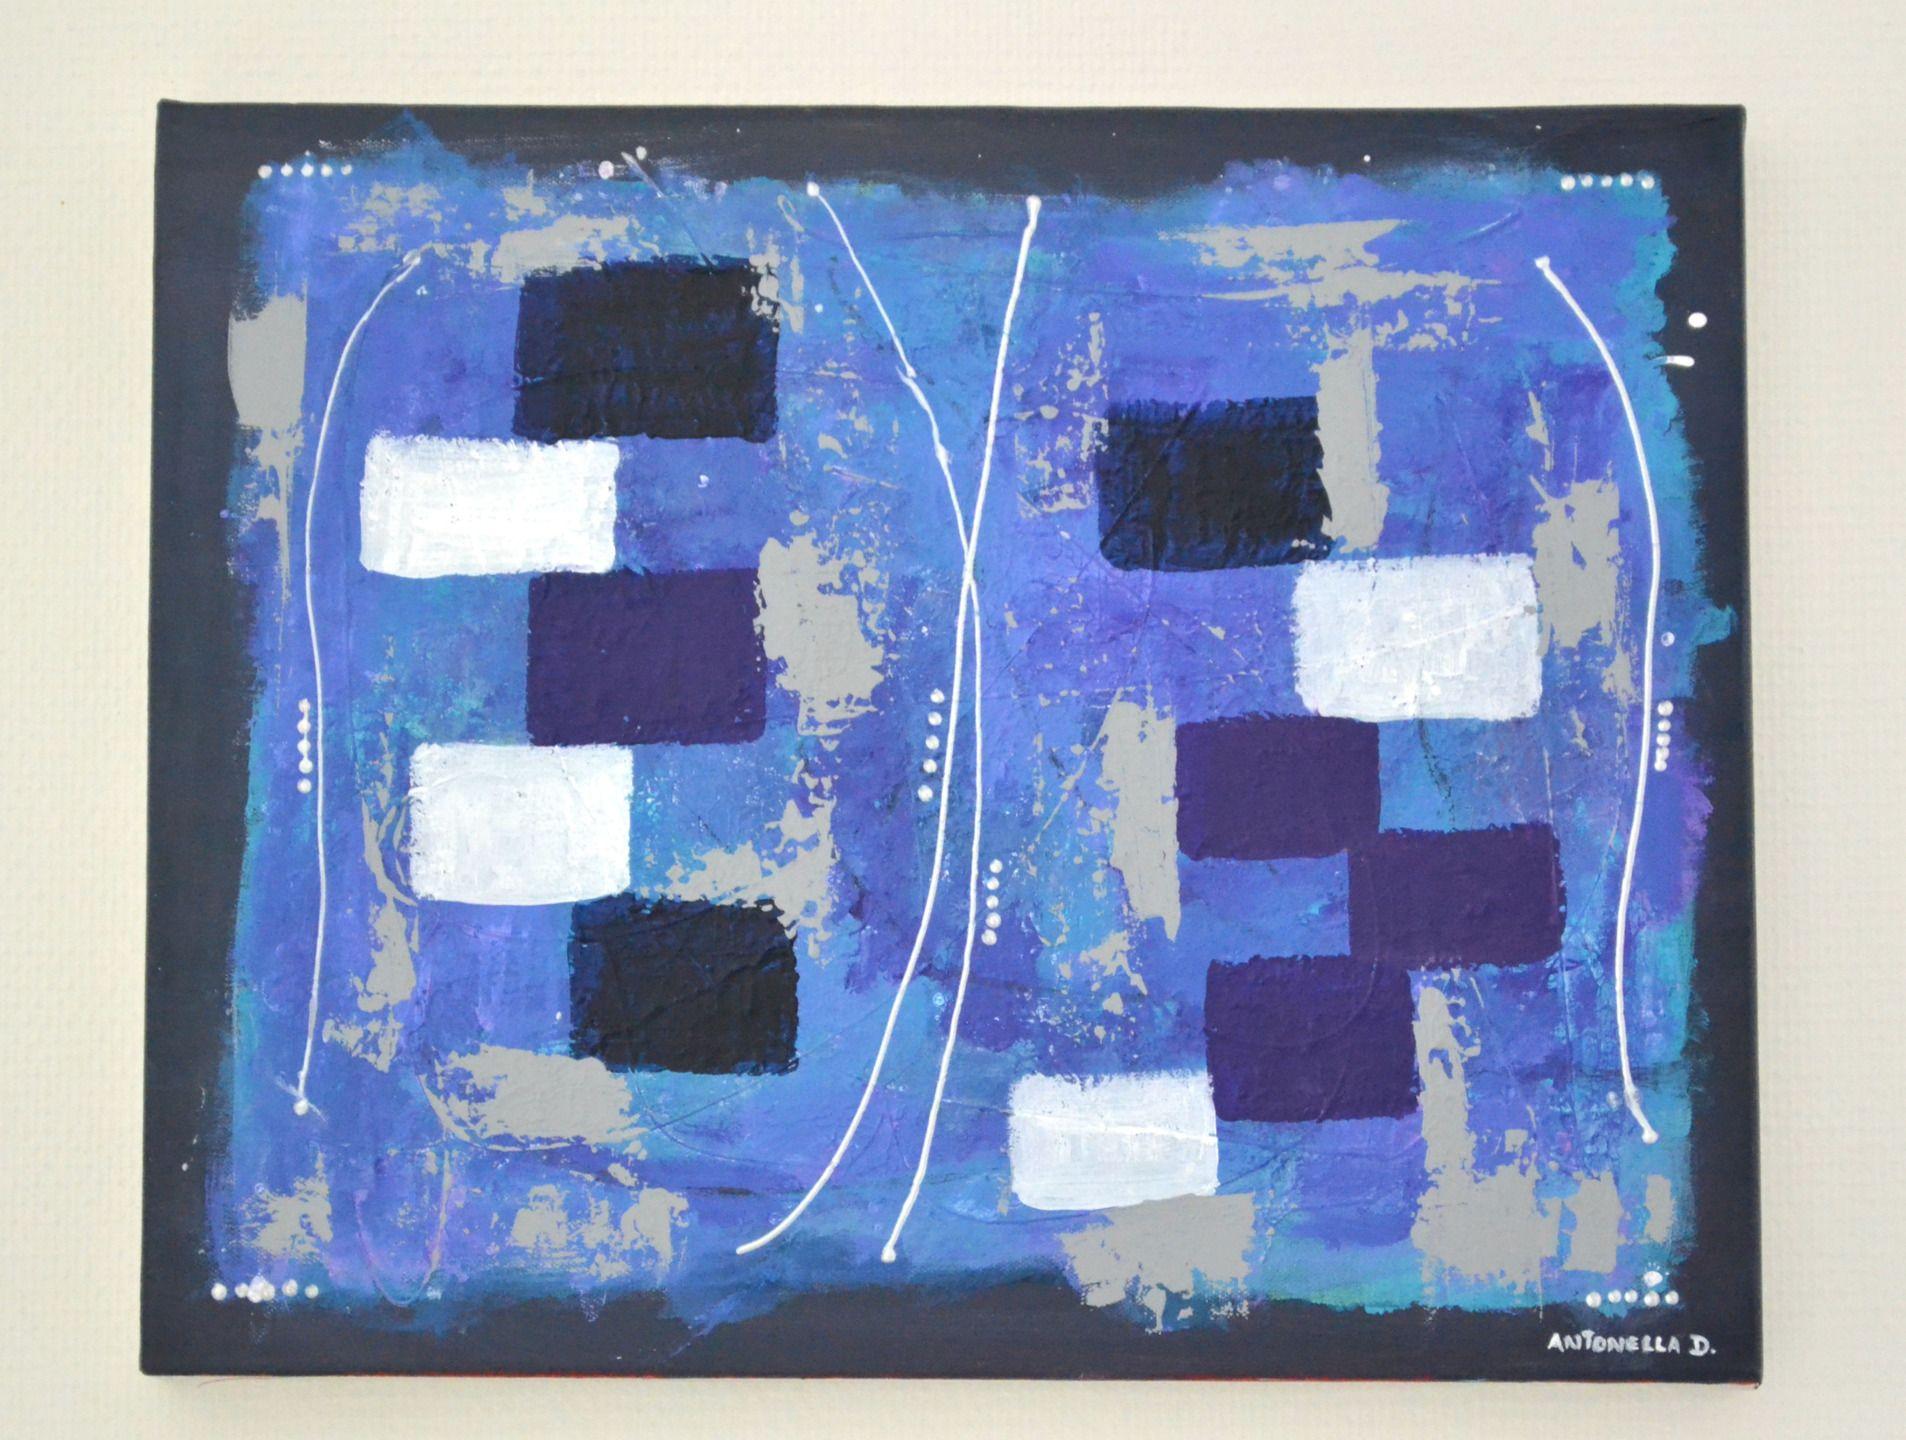 Tableau moderne abstrait tableau abstrait color bleu turquoise gris tableau contemporain - Tableau bleu turquoise ...